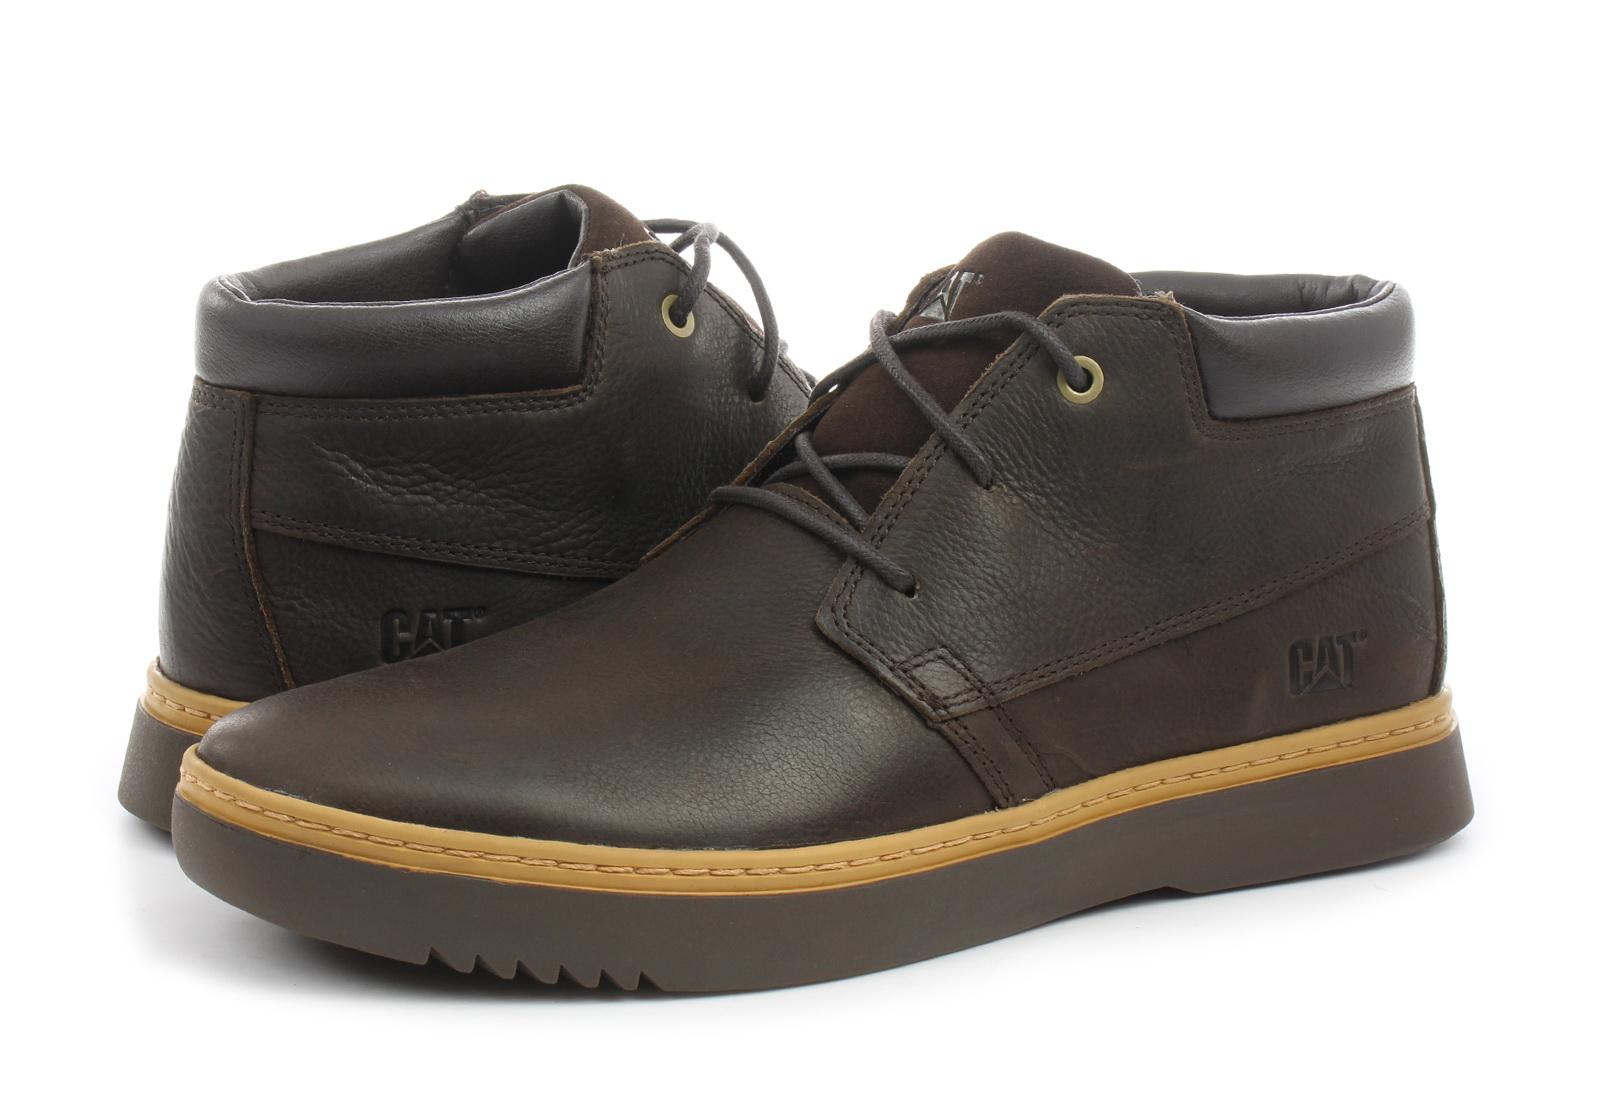 Cat Buty Zimowe Zine 723636 Brn Obuwie I Buty Damskie Meskie Dzieciece W Office Shoes